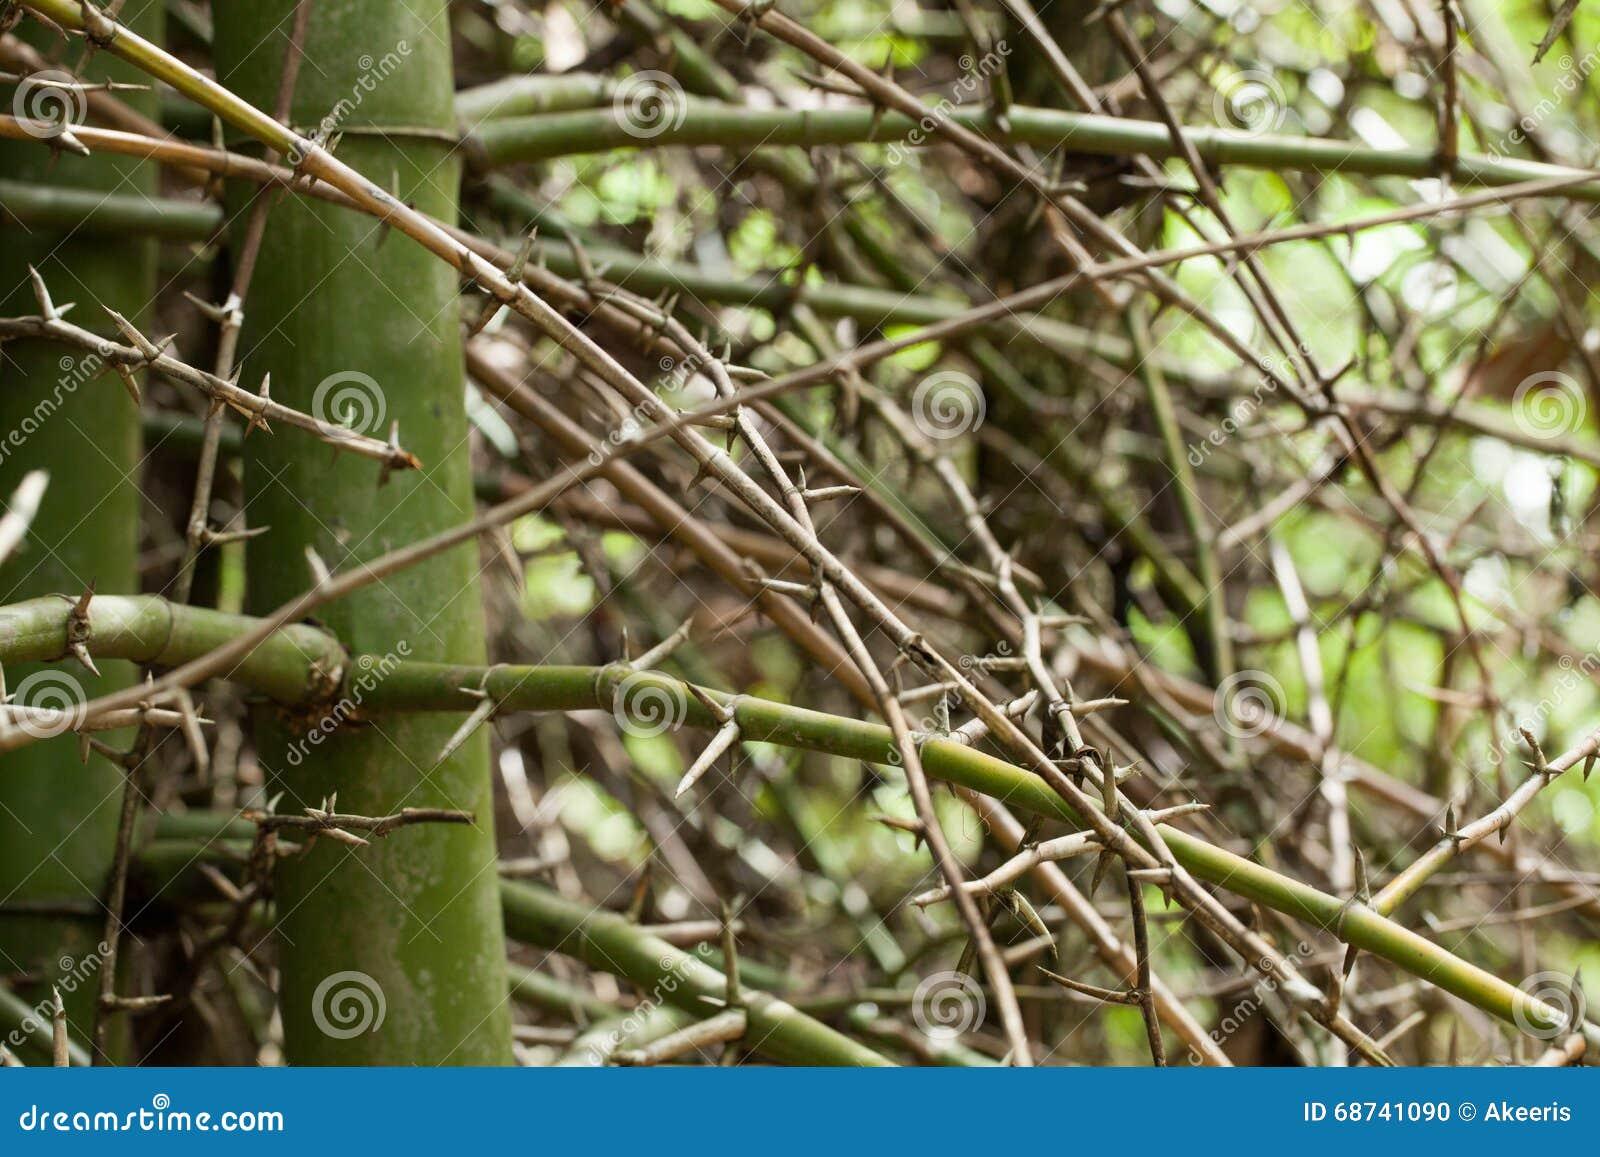 Épine en bambou photo stock. Image du décoration, jardin - 68741090